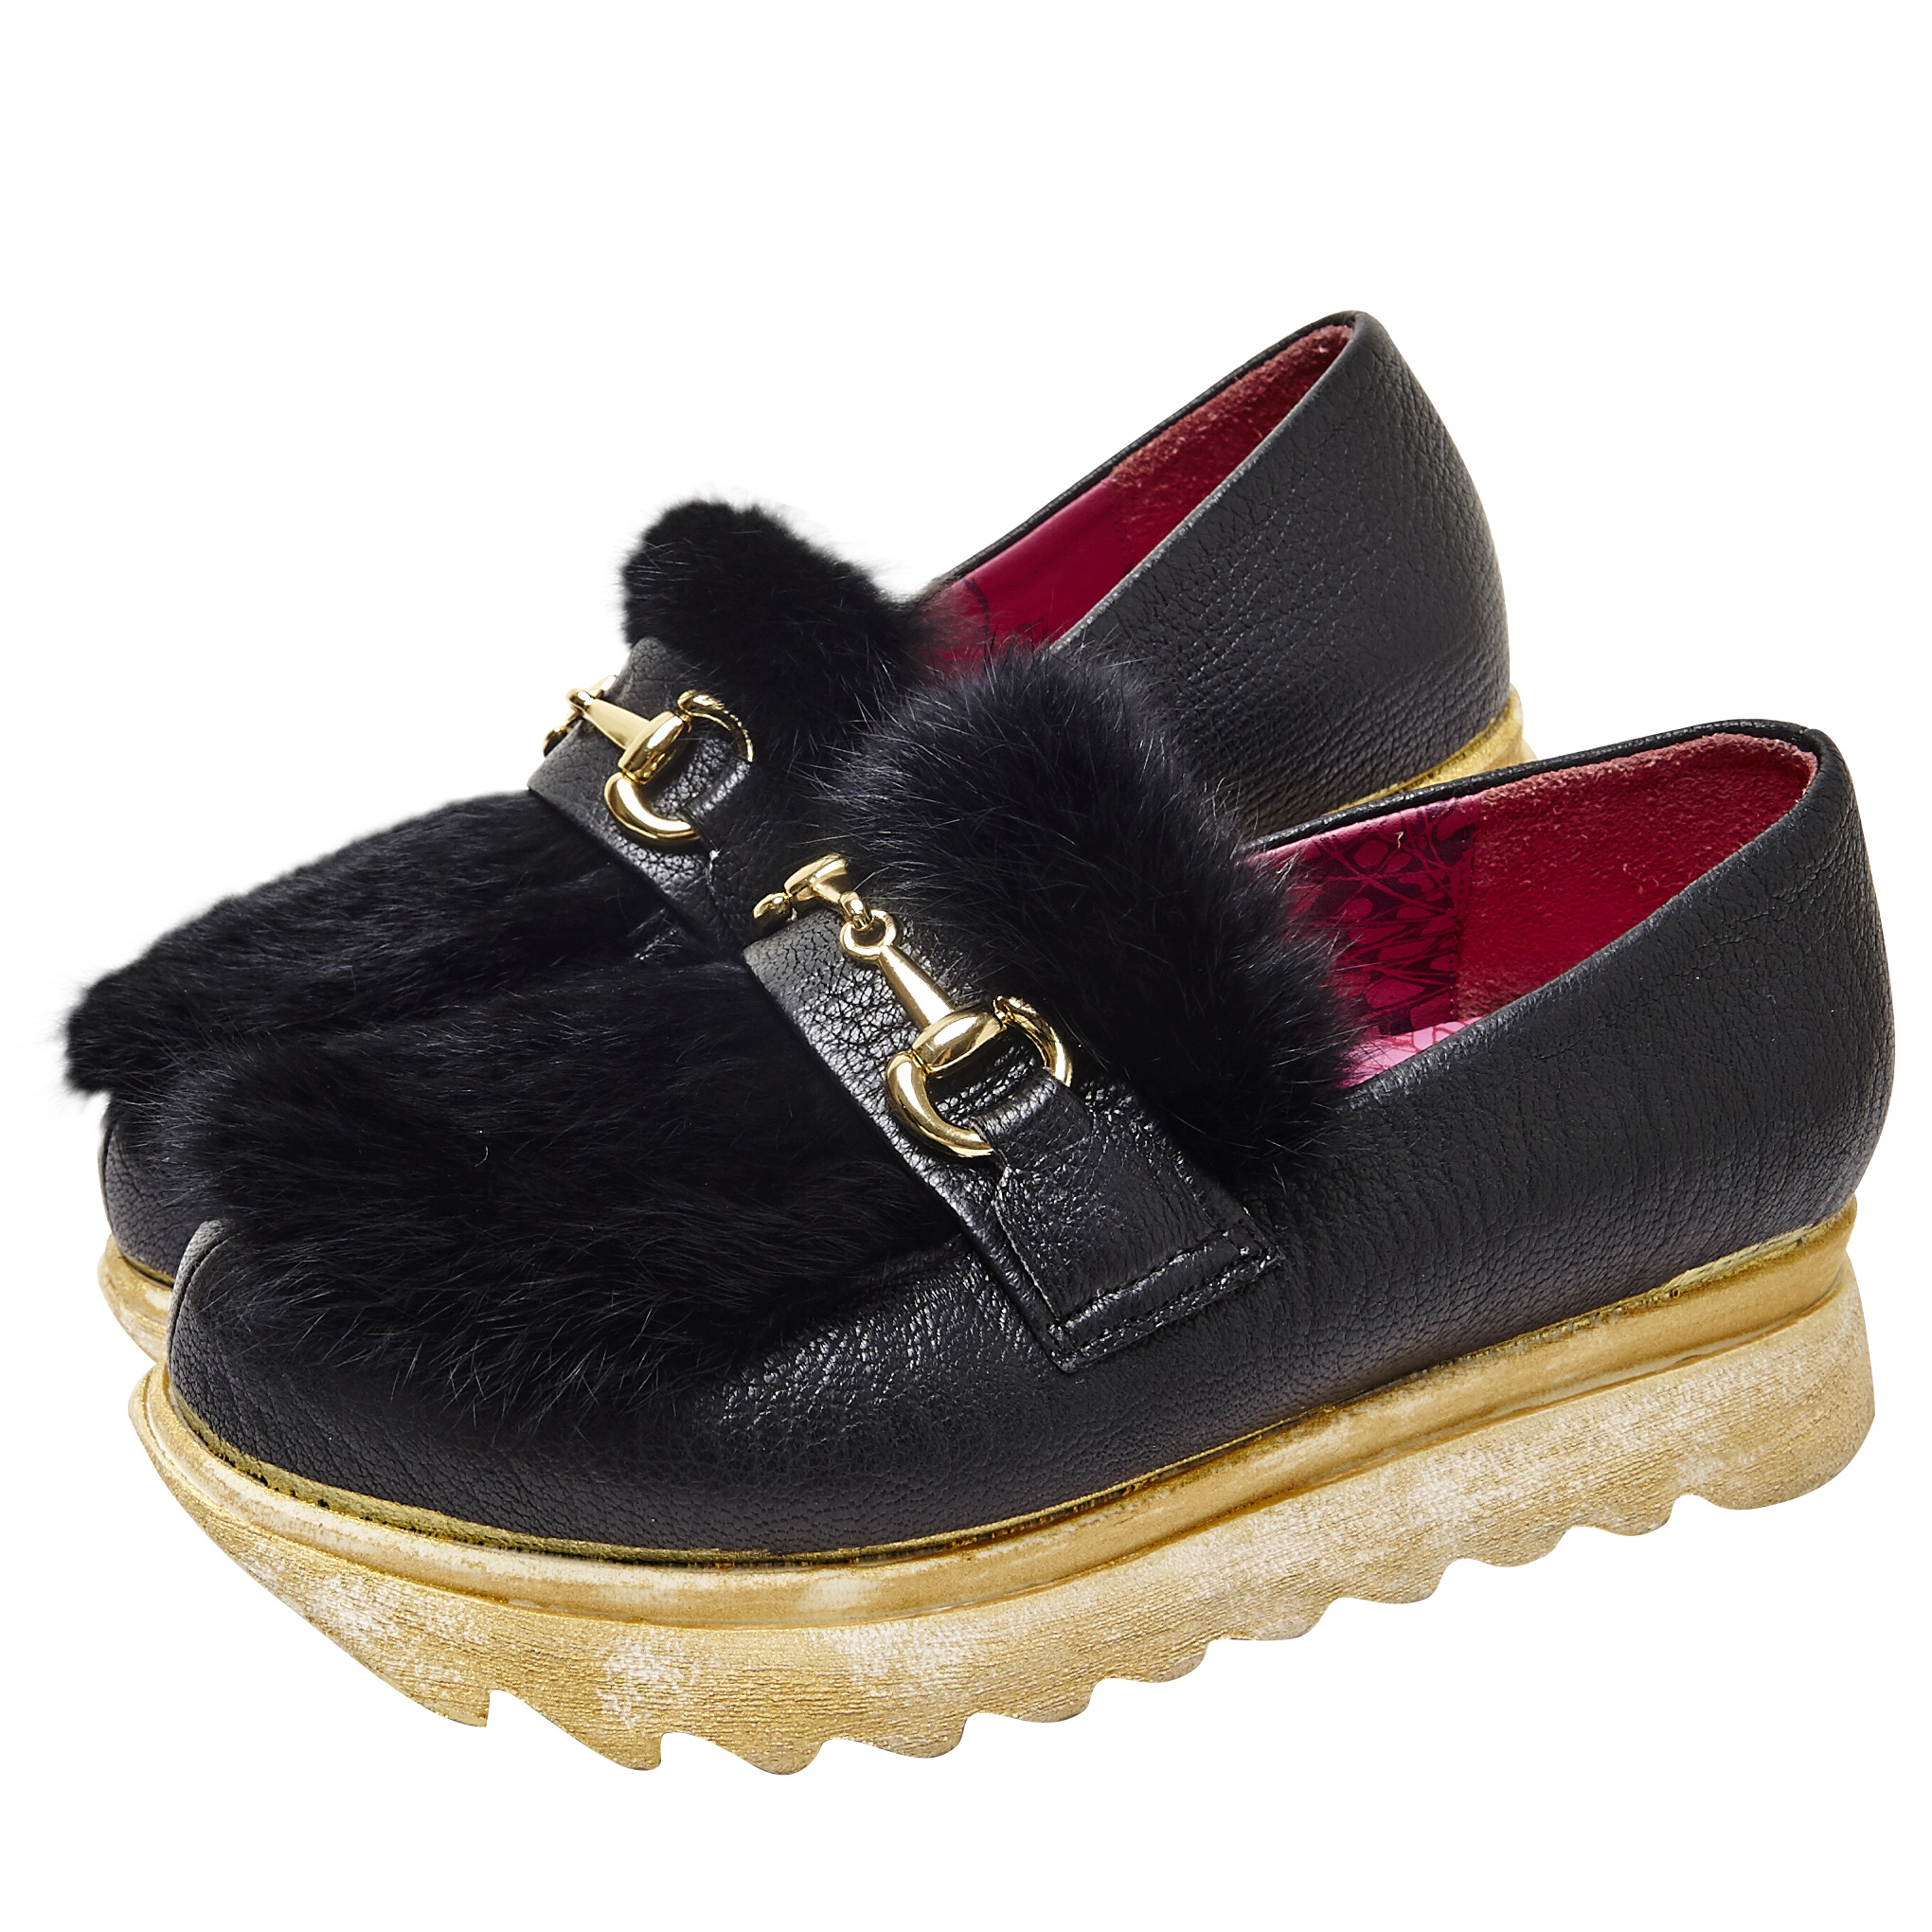 20161130《好康分享》Macanna麦坎纳值得珍藏的一双好鞋。 2017跨年庆1230~201712全省门市及专柜全馆1700元活动预告倒数中︱ (16).jpg